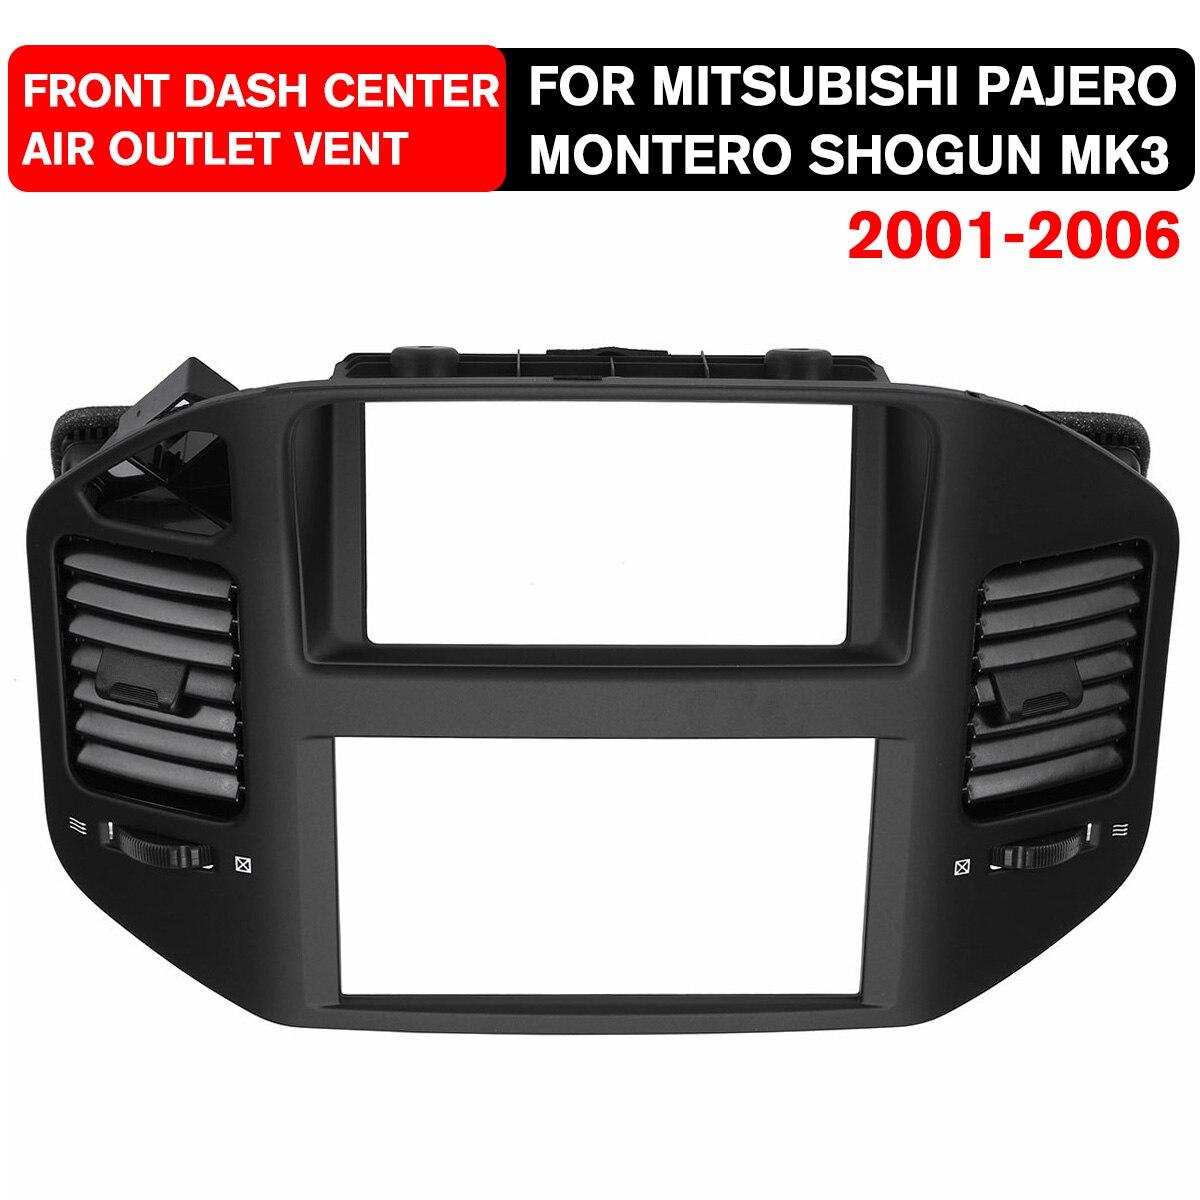 Nouveau 1 pièces noir avant tableau de bord évent panneau de sortie pour Mitsubishi Pajero Montero Shogun MK3 2001 2006